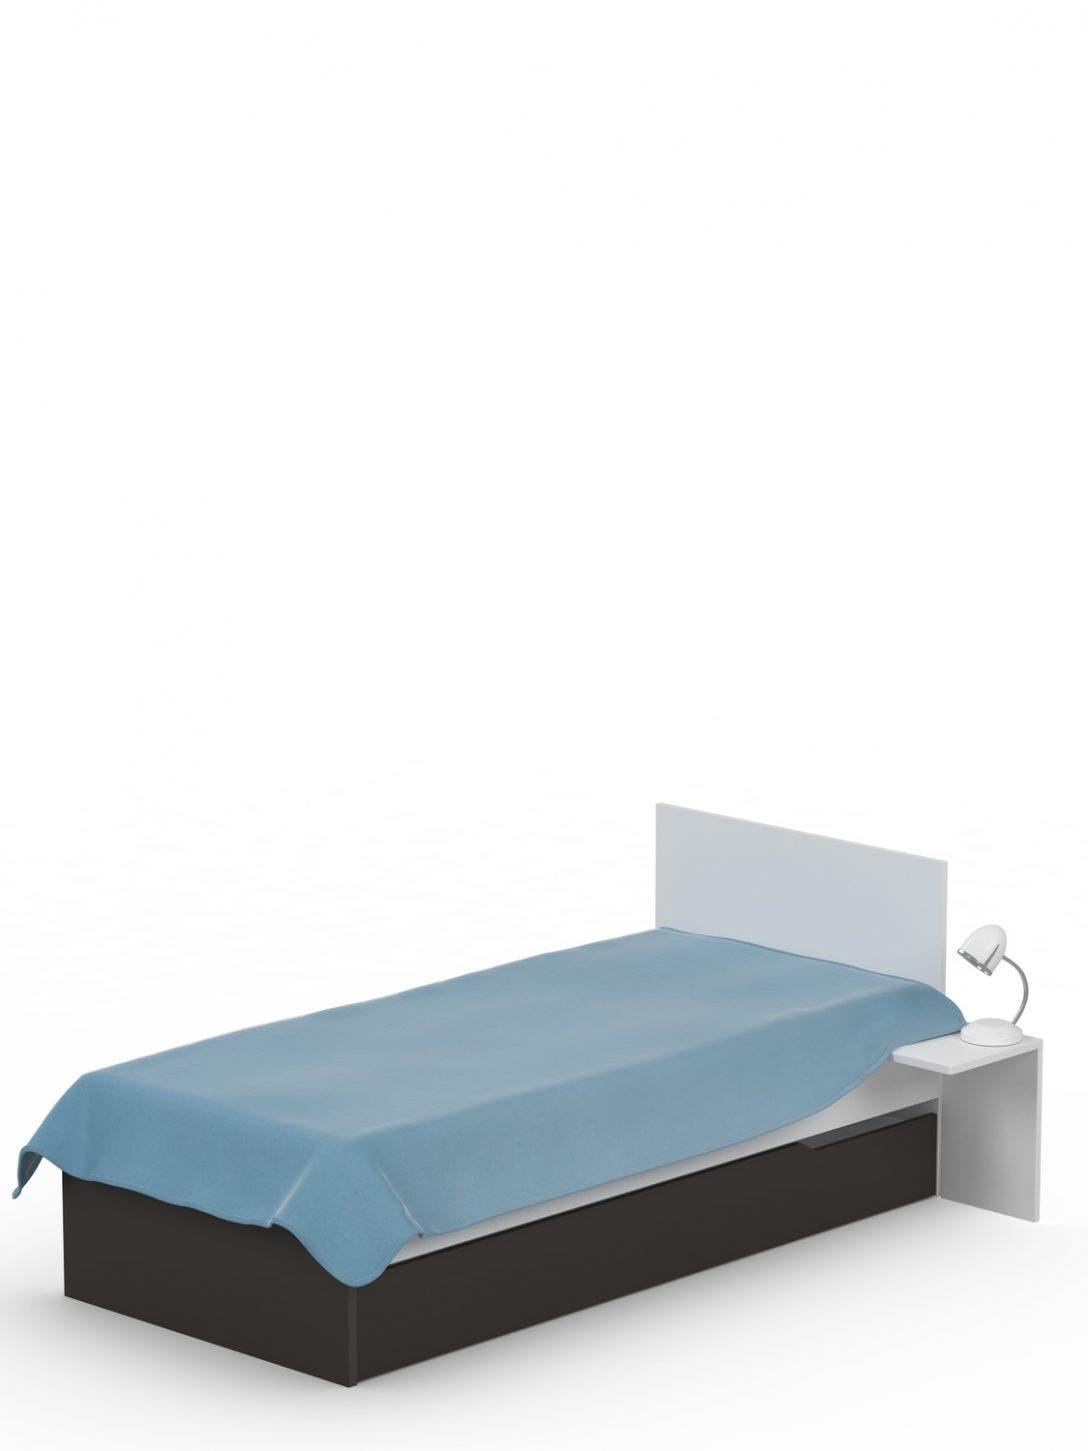 Full Size of Bett 120x200 Ikea Uni Dark Meblik Wei Mit Ausziehbett Hohem Kopfteil Bette Duschwanne Amazon Betten Erhöhtes Platzsparend Selber Bauen 140x200 Gästebett Wohnzimmer Bett 120x200 Ikea